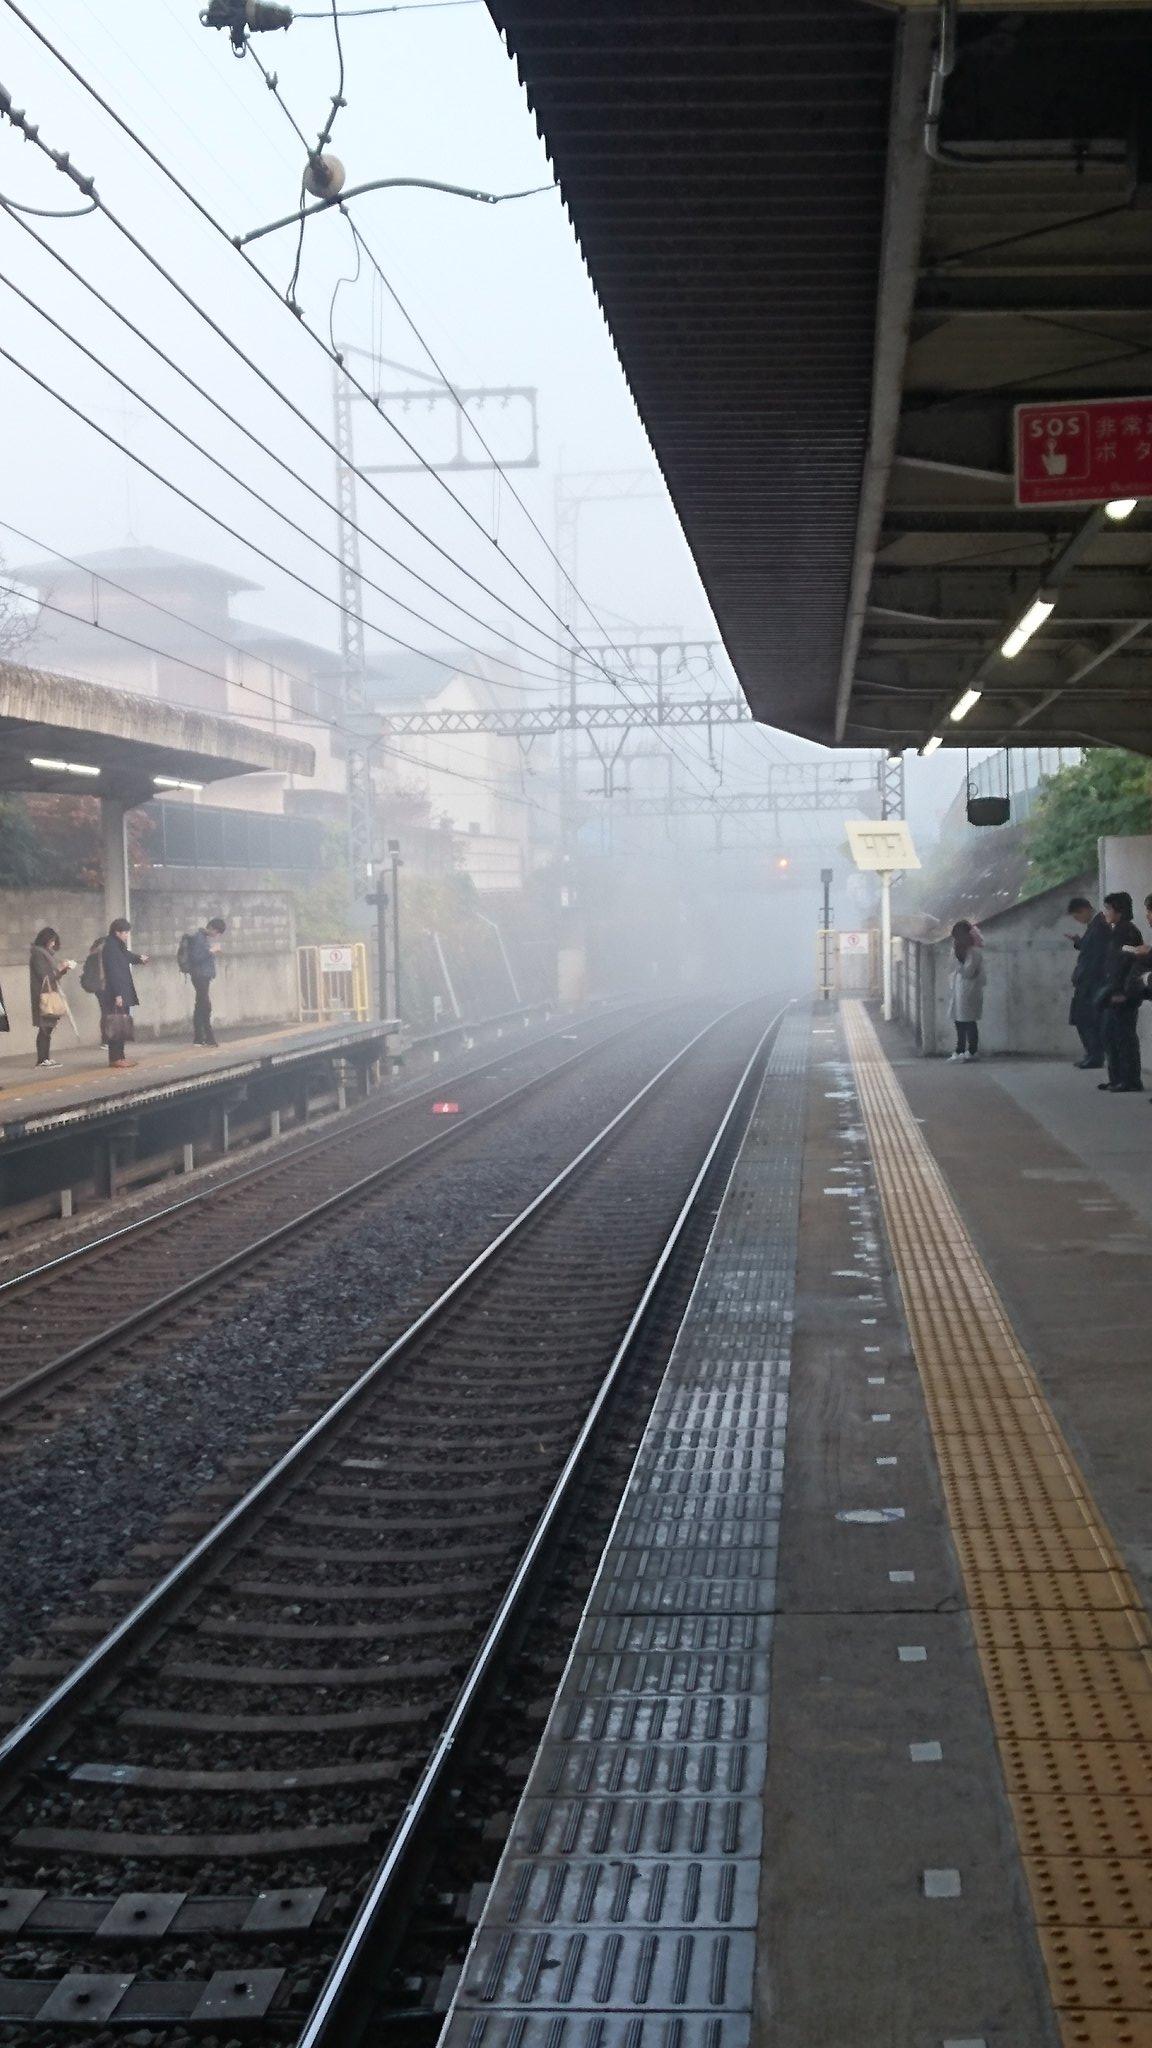 画像,近鉄京都線、濃い霧の影響で5分ほど遅延してる。 https://t.co/8VlYwgcrak。